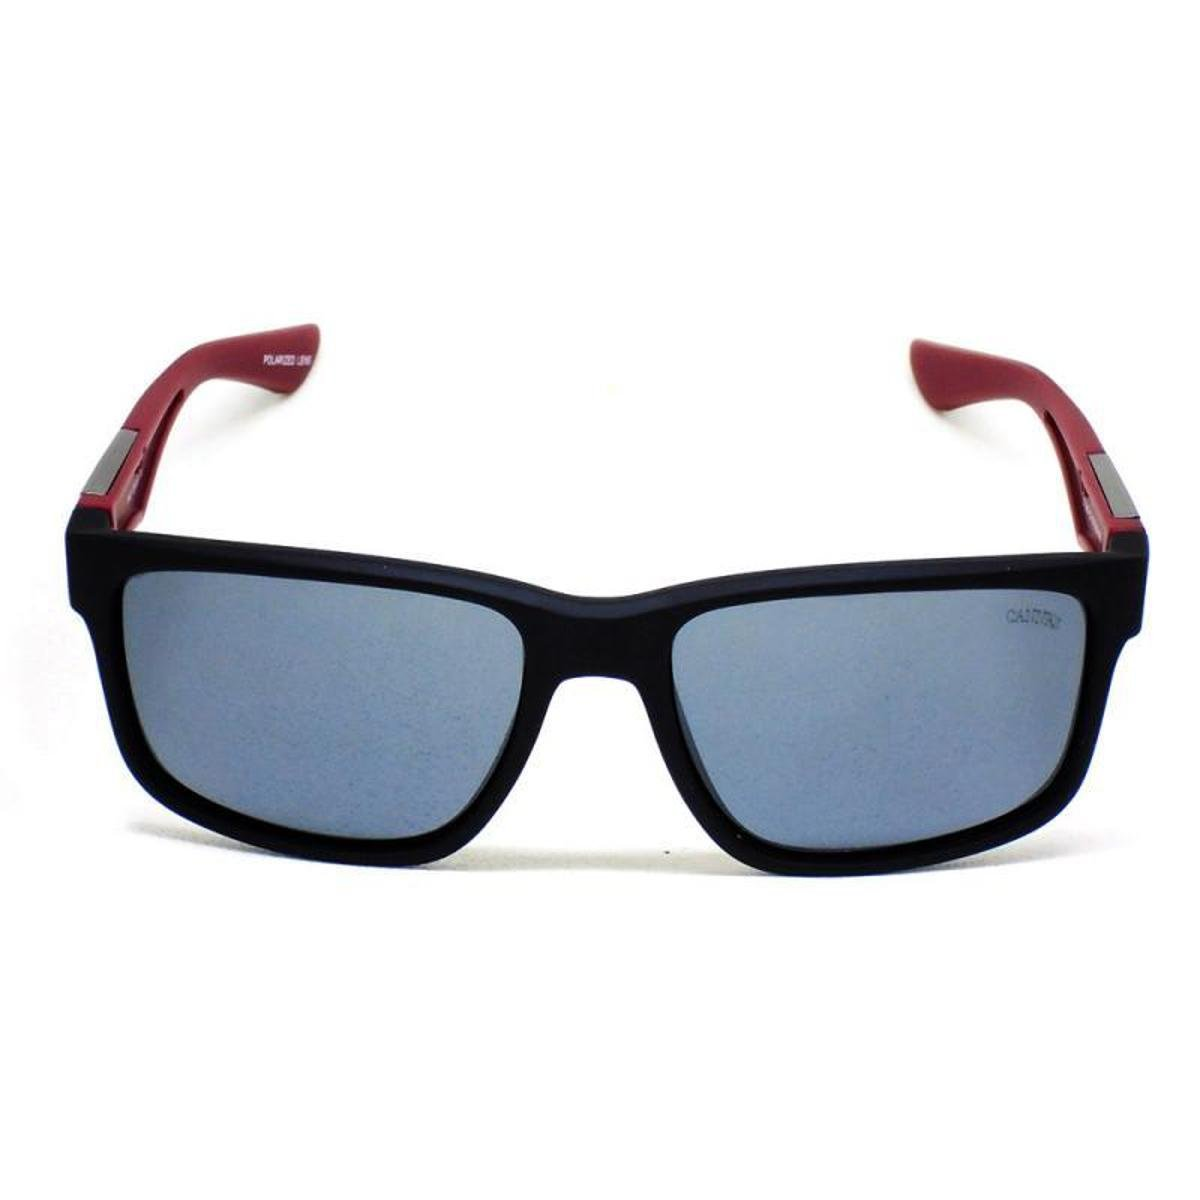 5cc4949ee6f20 Óculos De Sol Cannes 9086 T 57 C Masculino - Compre Agora   Zattini